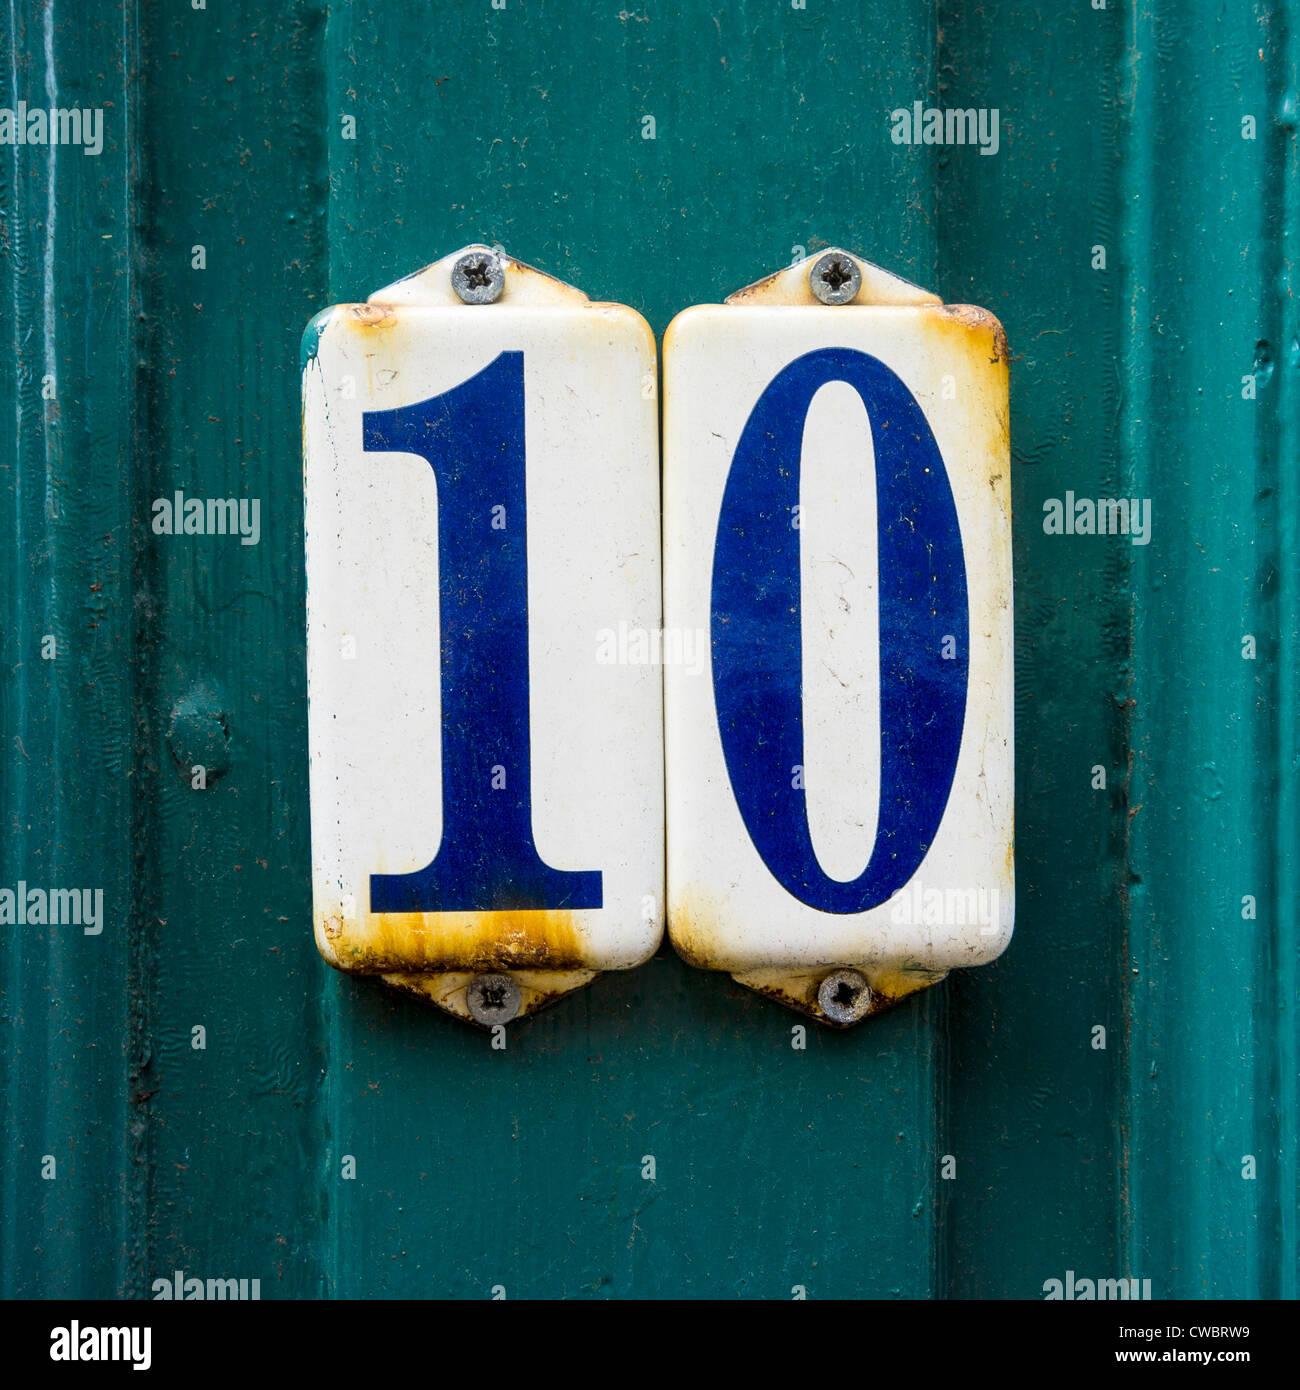 Numero Civico dieci su due distinte piastre smaltate. Immagini Stock